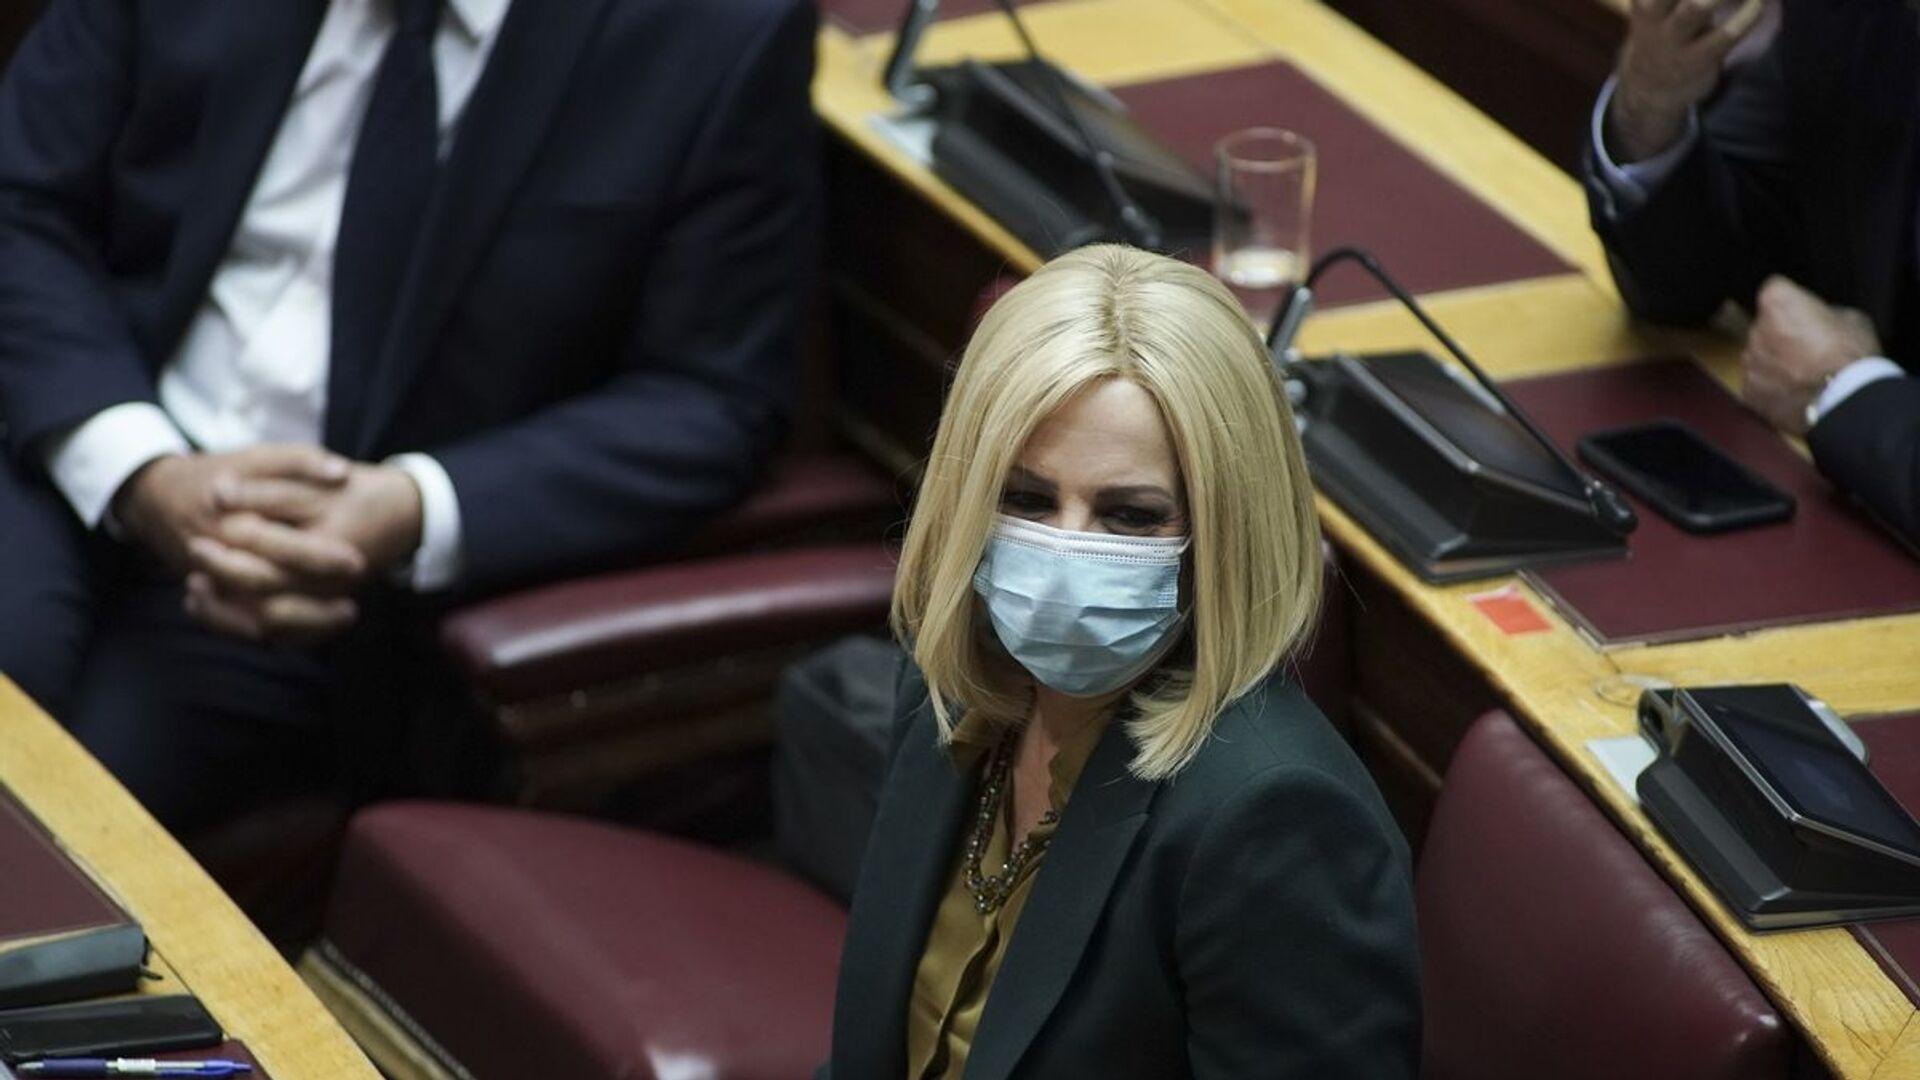 Η Φώφη Γεννηματά στη Βουλή με μάσκα - Sputnik Ελλάδα, 1920, 12.10.2021